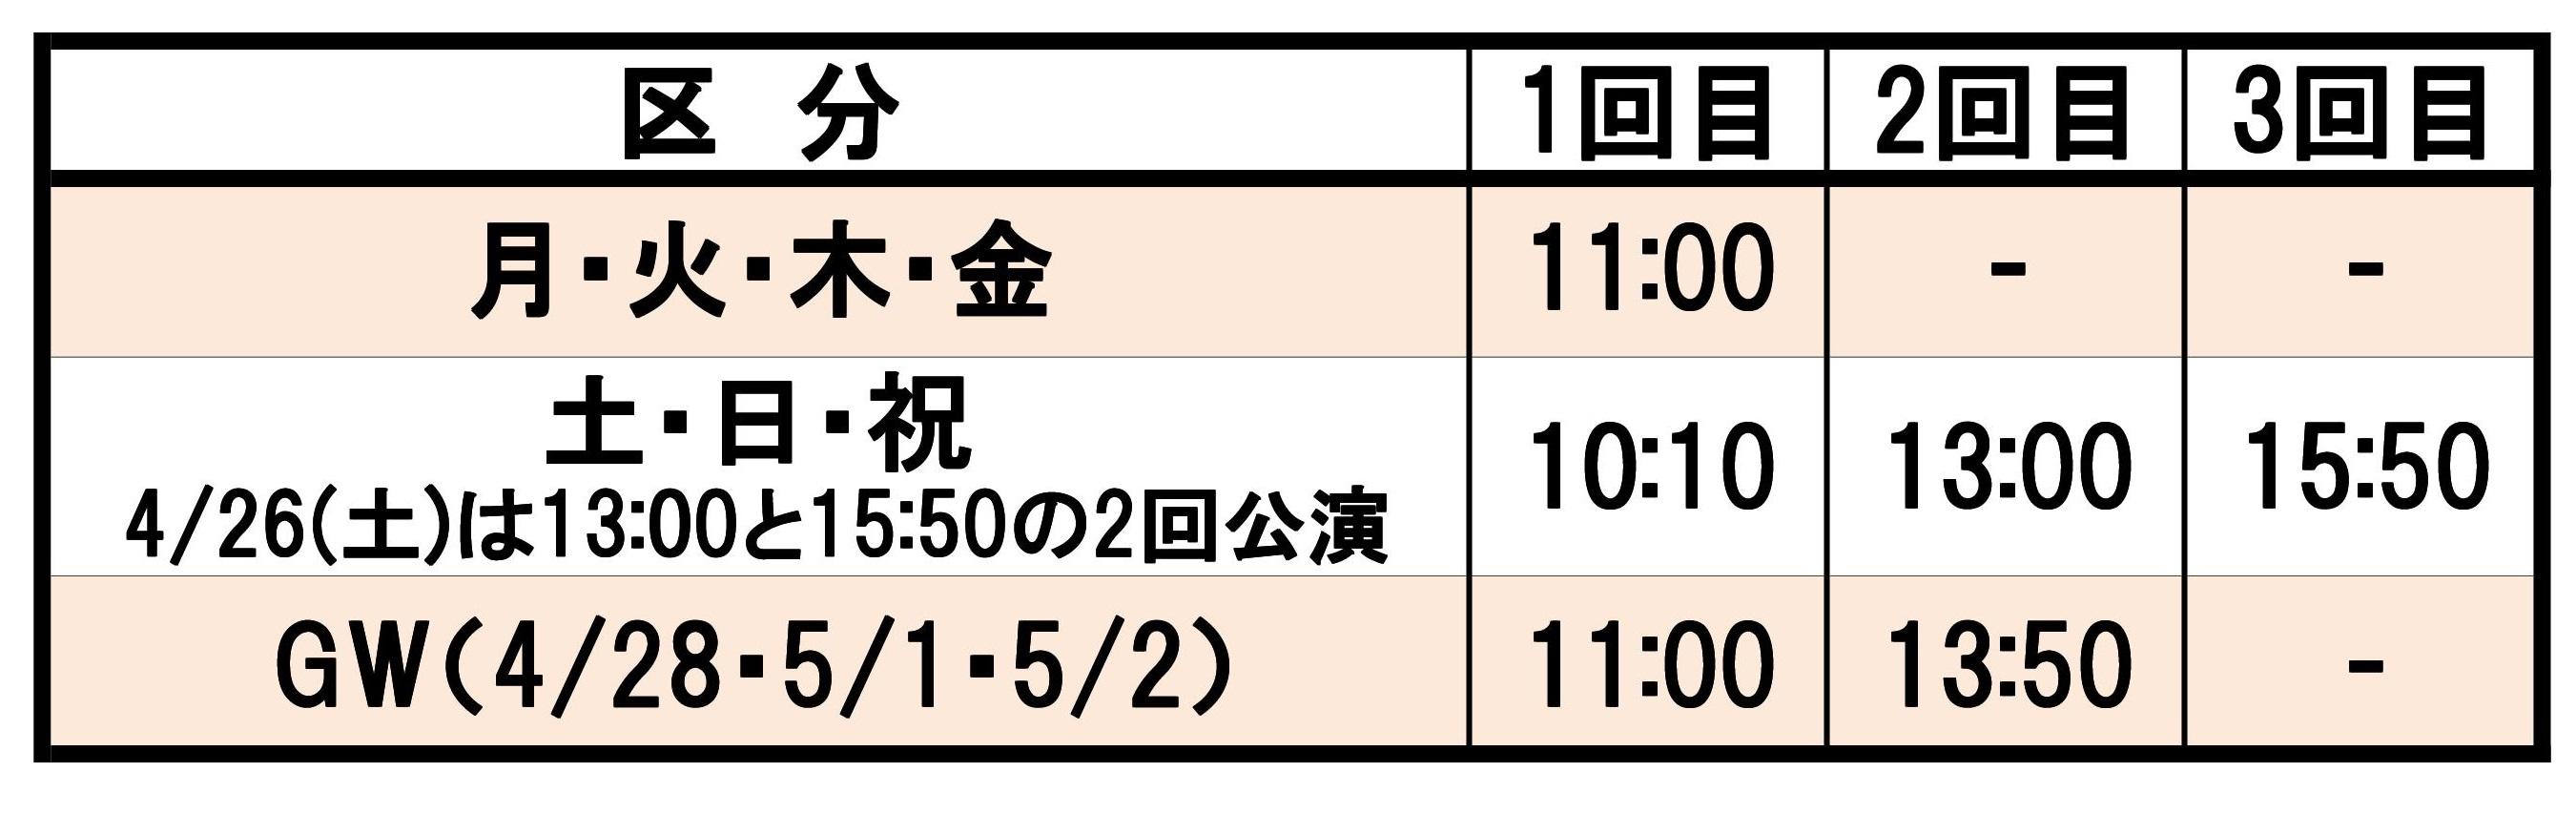 ポップ公演時間(太田)